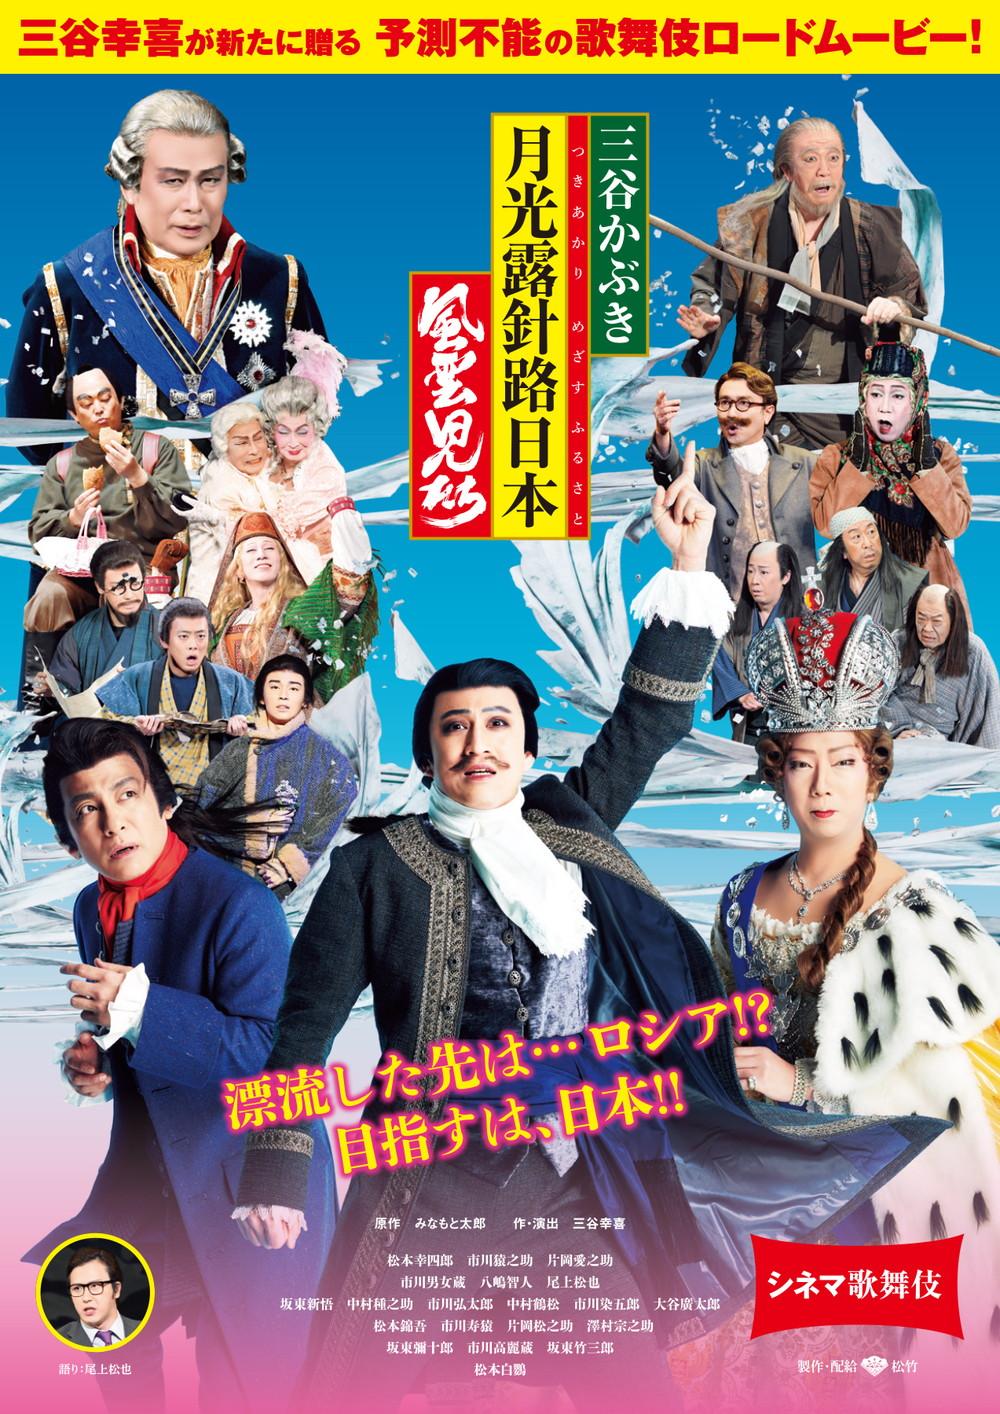 シネマ歌舞伎「三谷かぶき 月露針路日本風雲児たち」